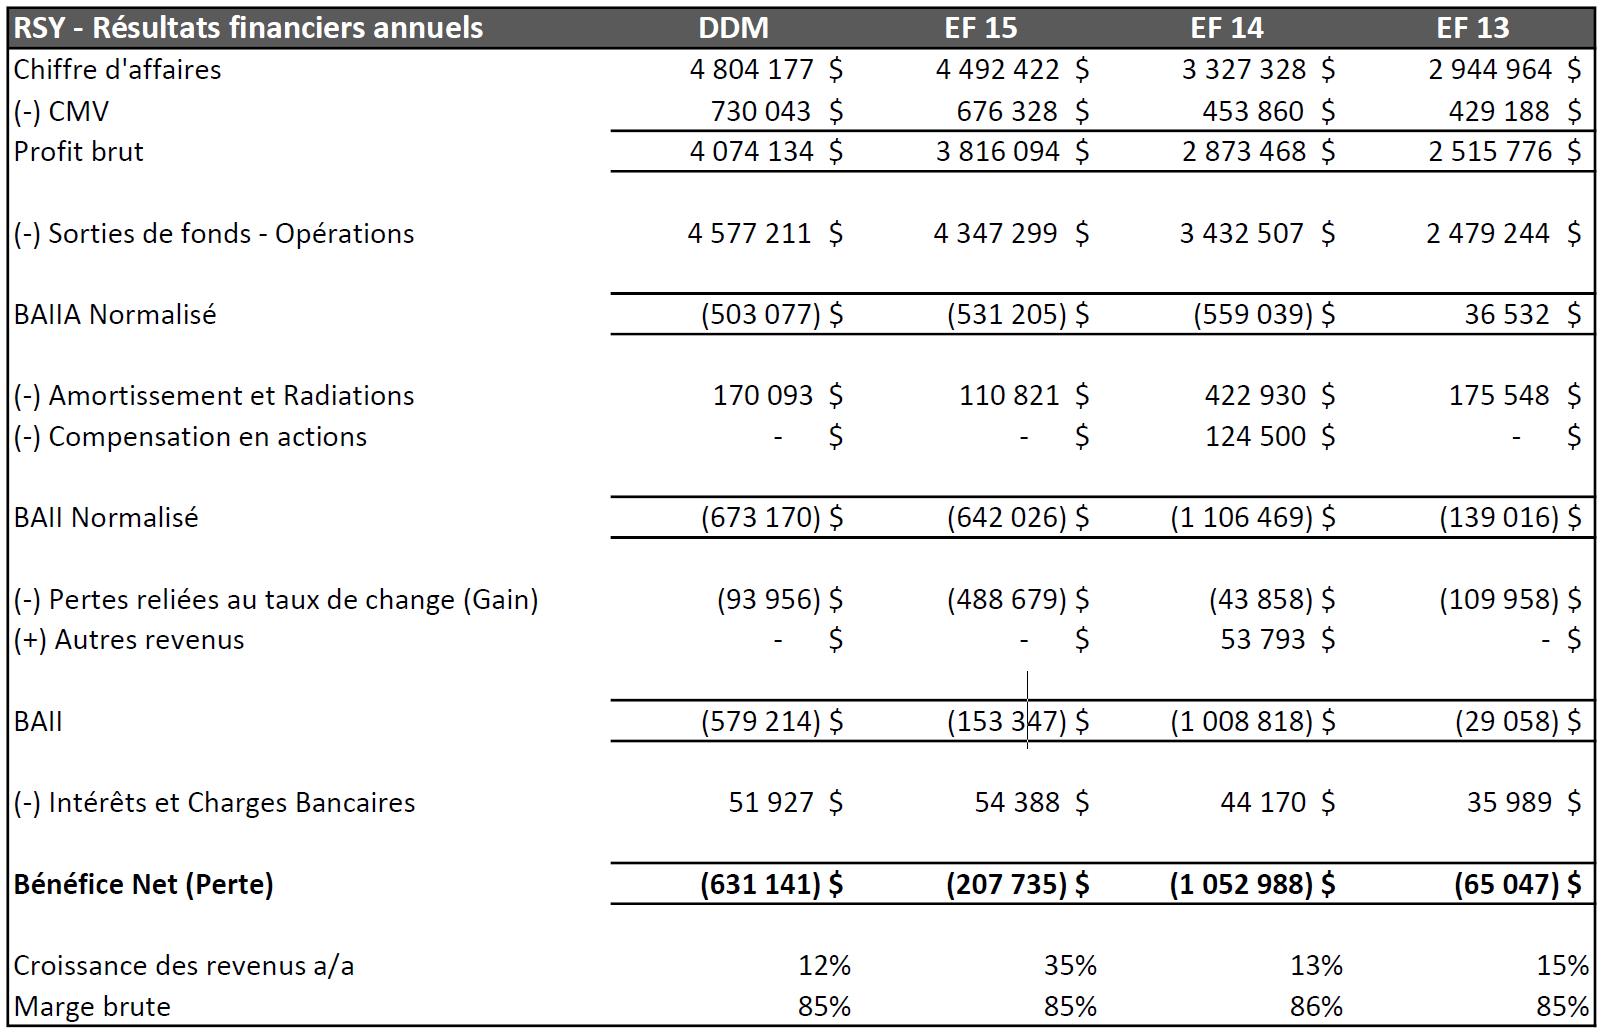 RSY Résultats Financiers Annuels